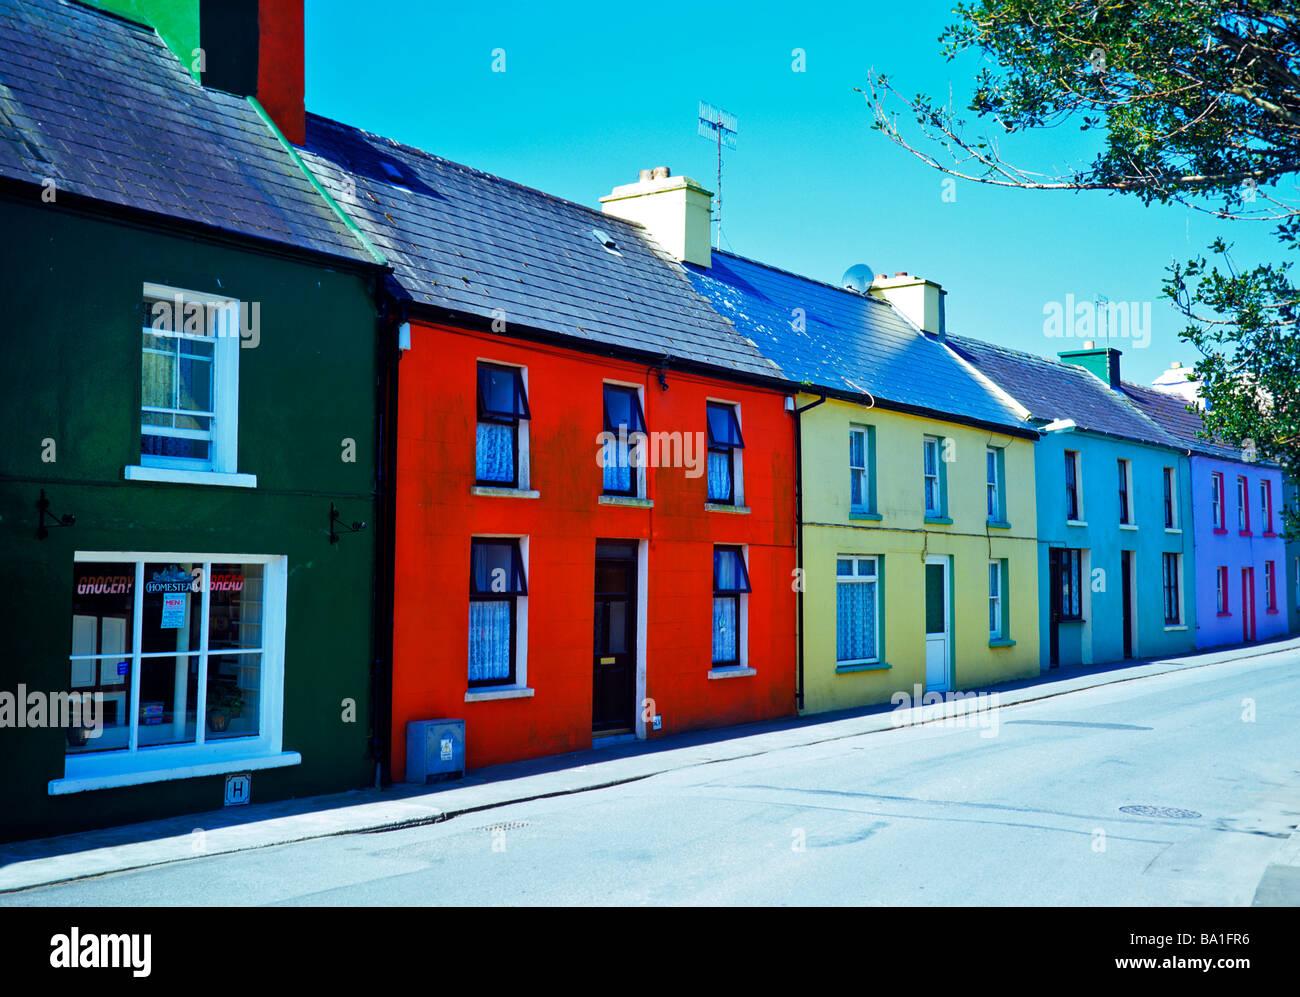 Splendida giornata di sole con case colorate in Eyeries sulla penisola di Beara nella contea di Cork Immagini Stock